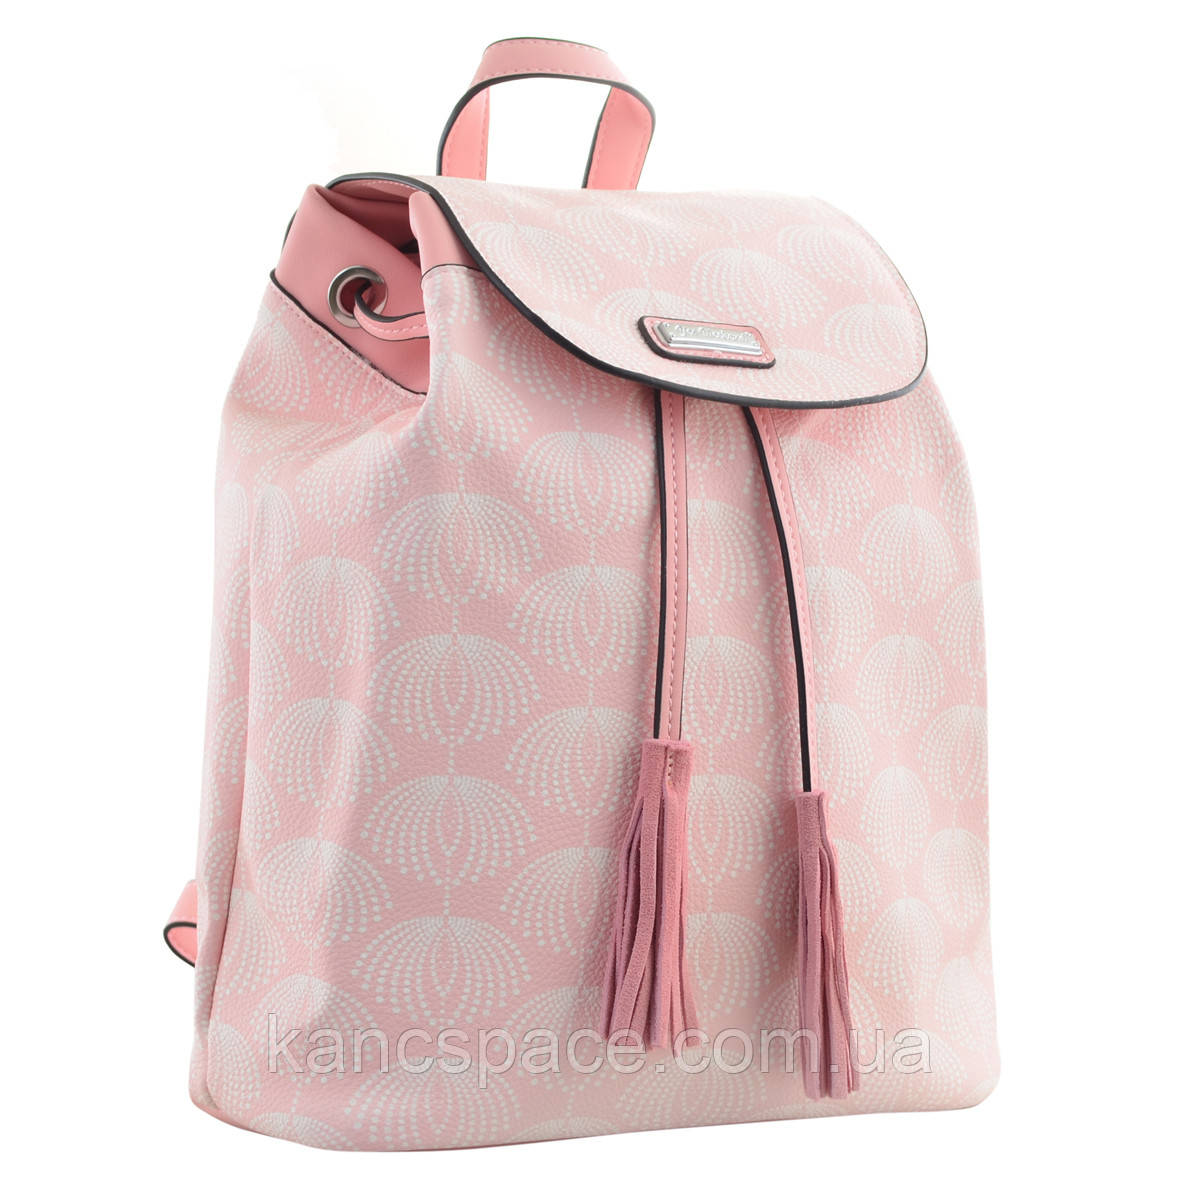 Рюкзак молодіжний  YW-25, 17*28.5*15, рожевий